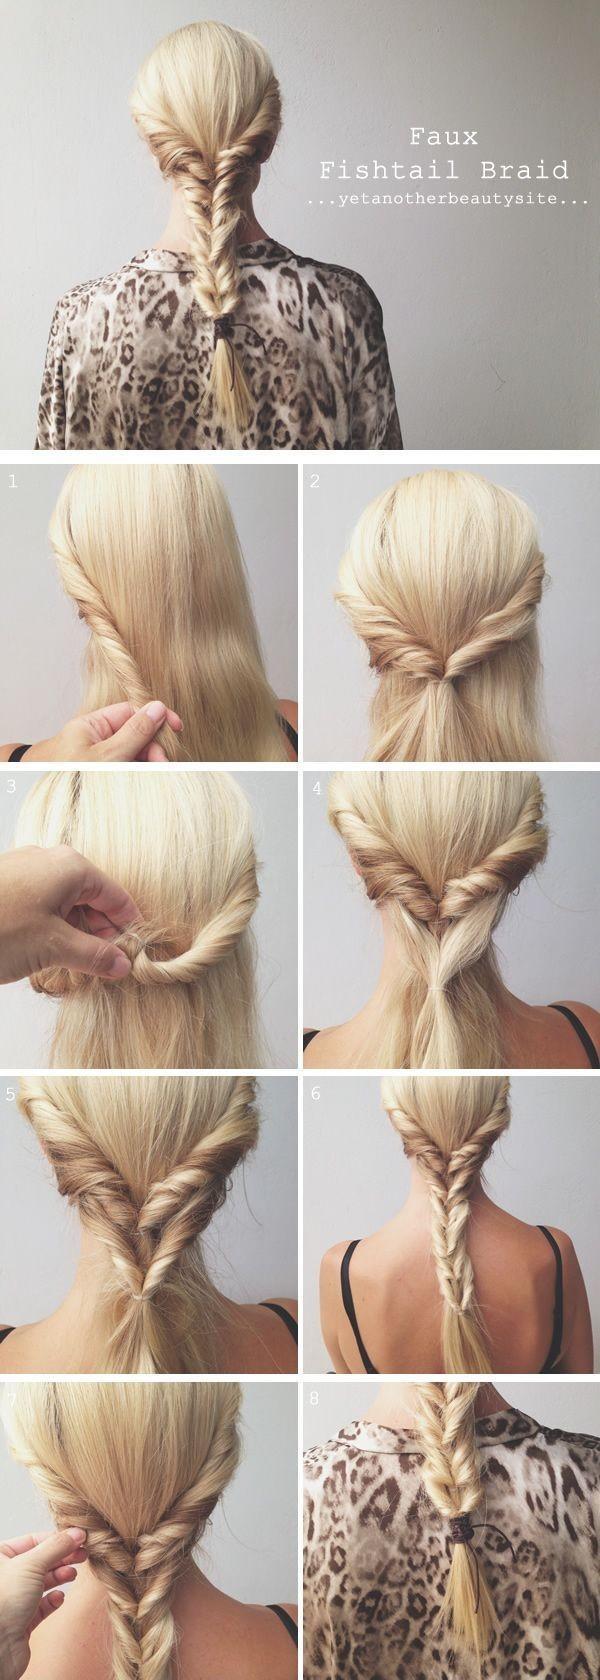 24 kiểu tóc đẹp tuyệt vời dành cho cô nàng tóc hư tổn tự tin cuốn hút mọi lúc mọi nơi phần 21